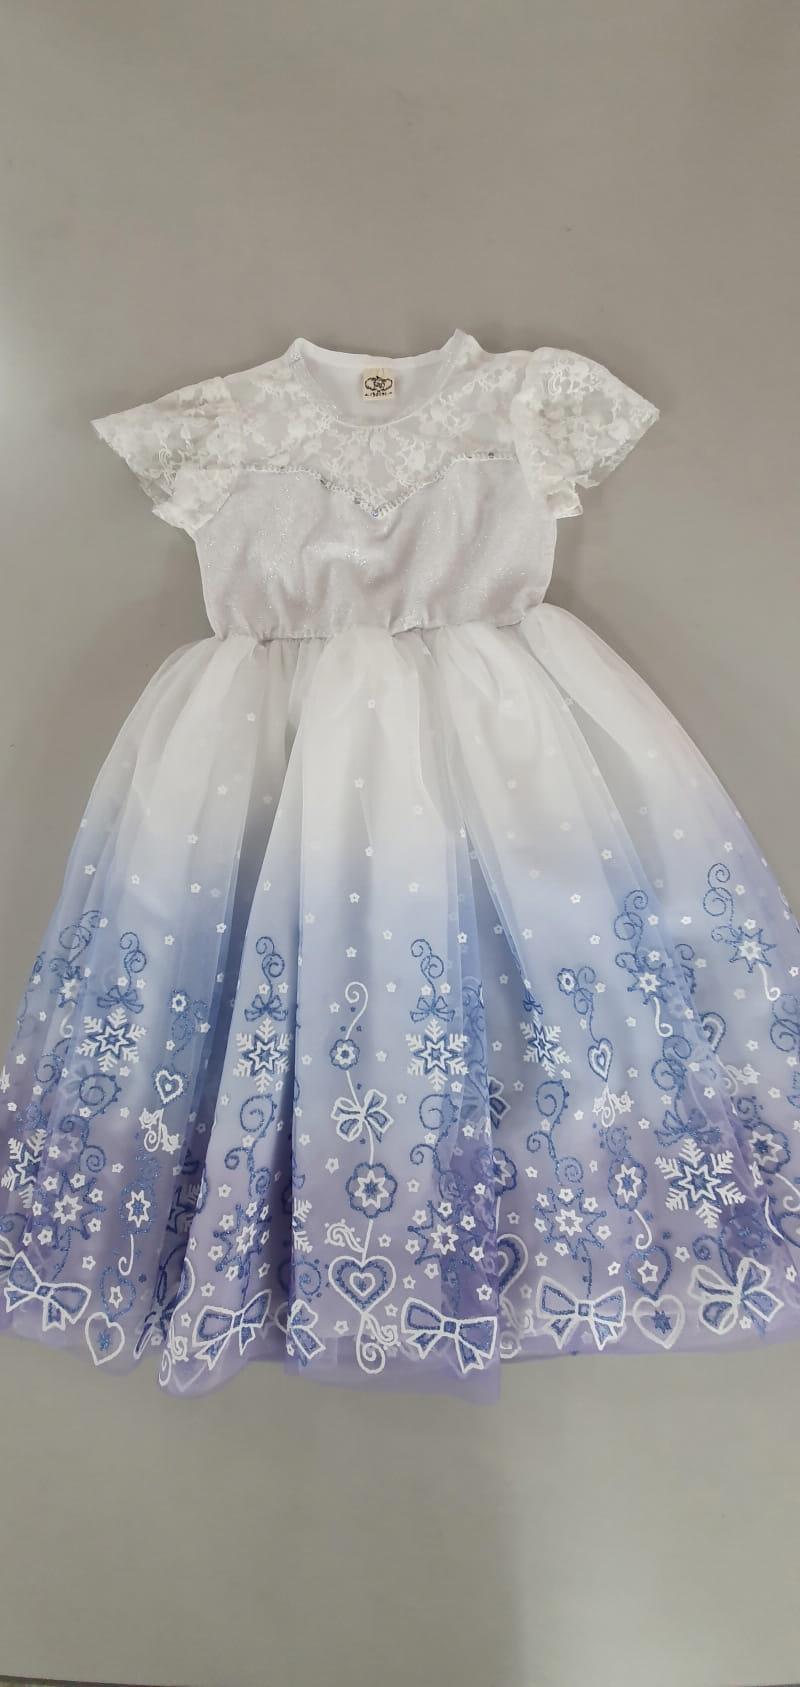 E.RU - Korean Children Fashion - #Kfashion4kids - Princess One-piece - 8